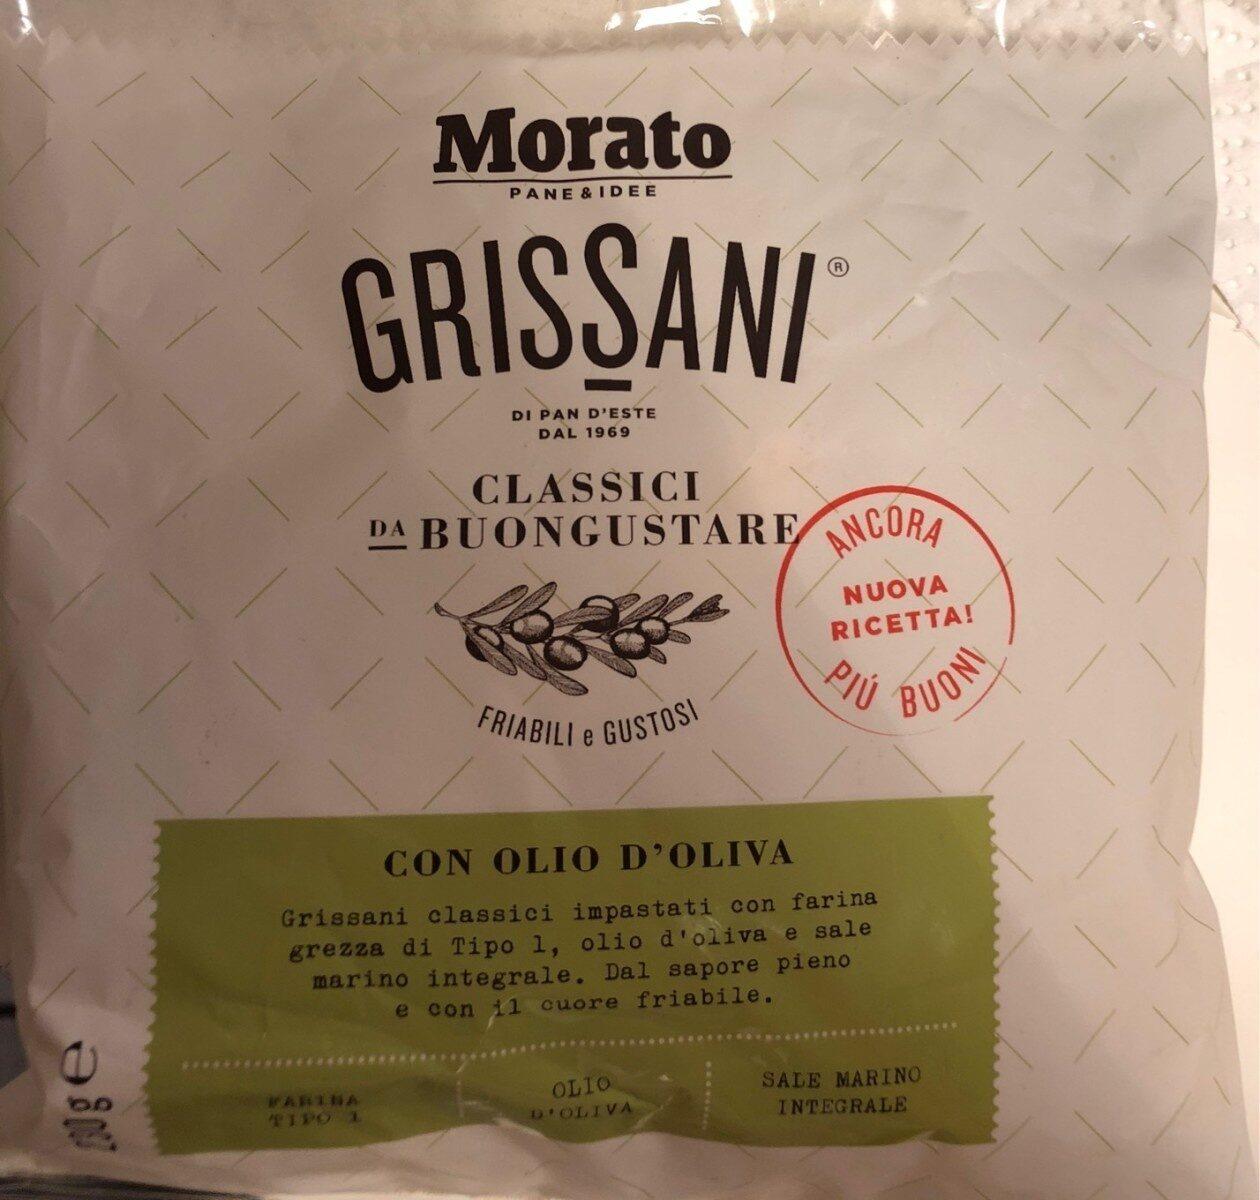 Grissani classici da buongustare con olio di oliva - Product - fr